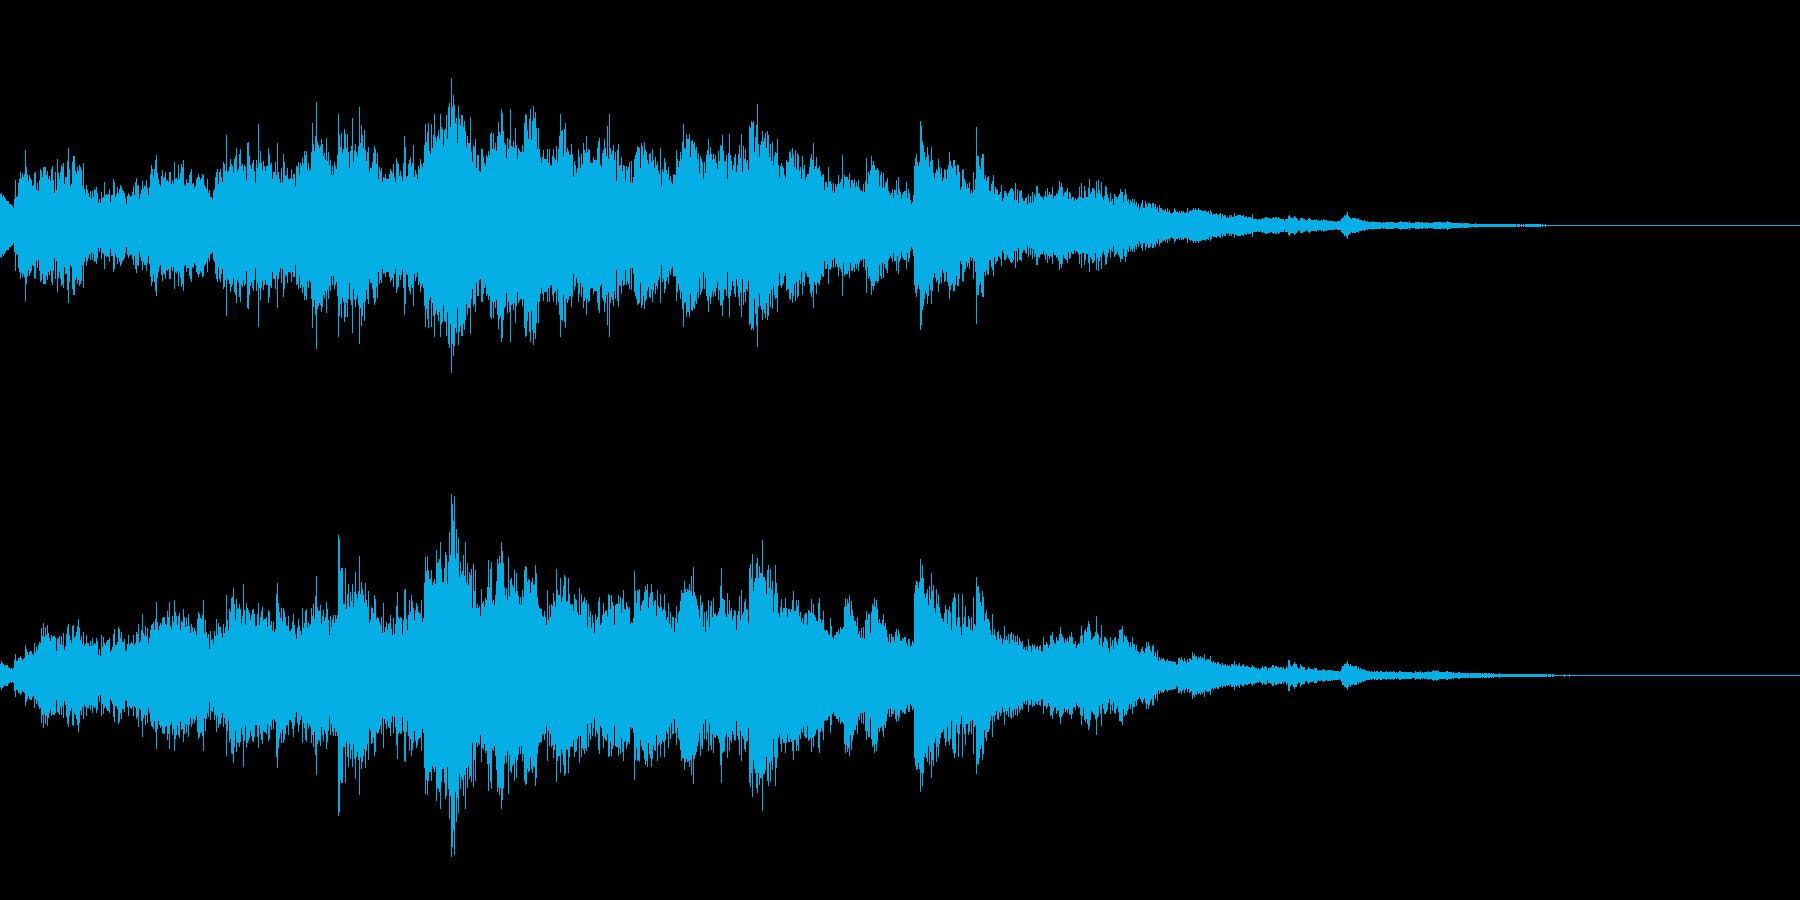 キラキラ(ウインドチャイムの音)の再生済みの波形